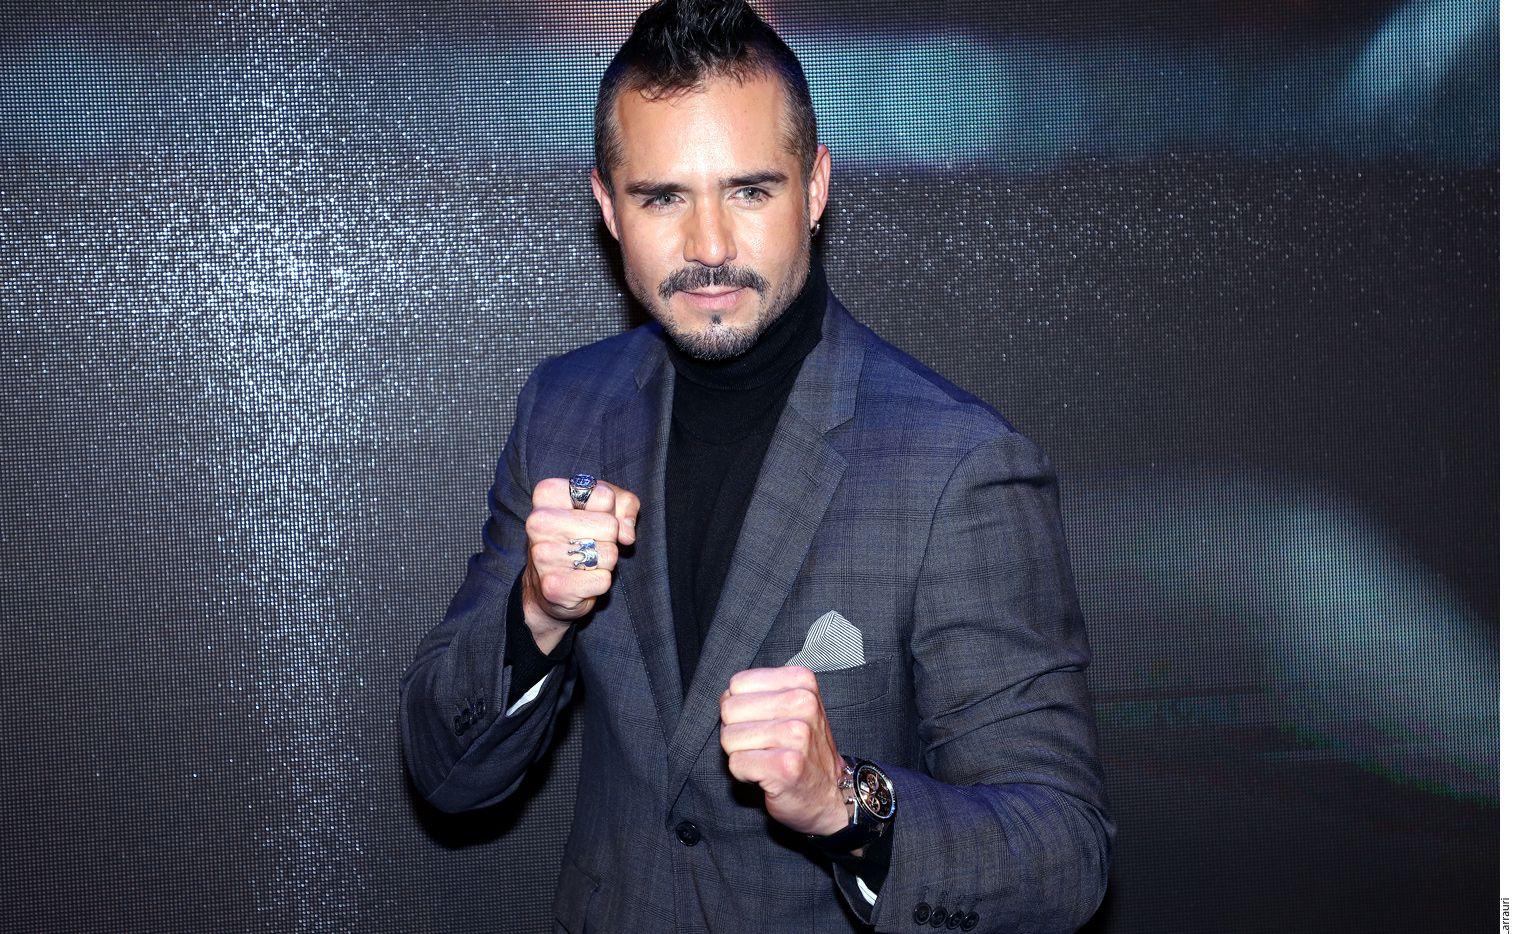 La historia de Ringo se enfoca en un joven boxeador (José Ron) que se enfrentará a diferentes obstáculos para convertirse en un campeón y lograr reencontrarse con su hijo, quien le fue arrebatado por su madre. (AGENCIA REFORMA)